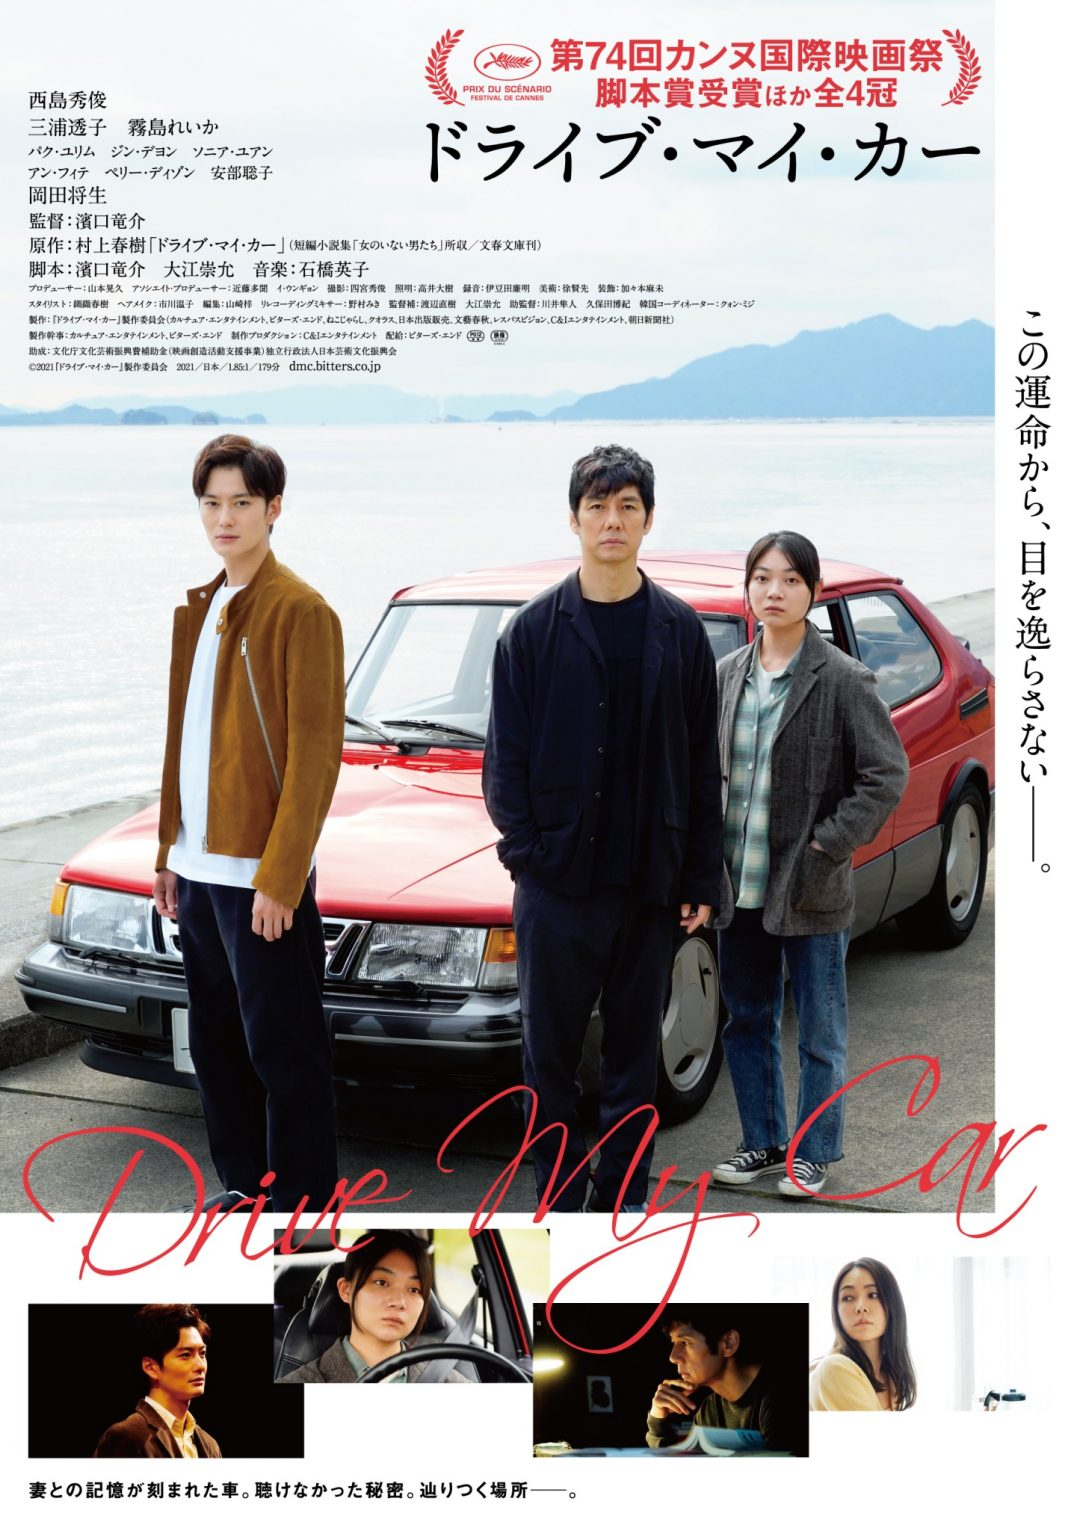 映画『ドライブ・マイ・カー』第94回アカデミー賞国際長編映画賞部門の日本代表に選出!